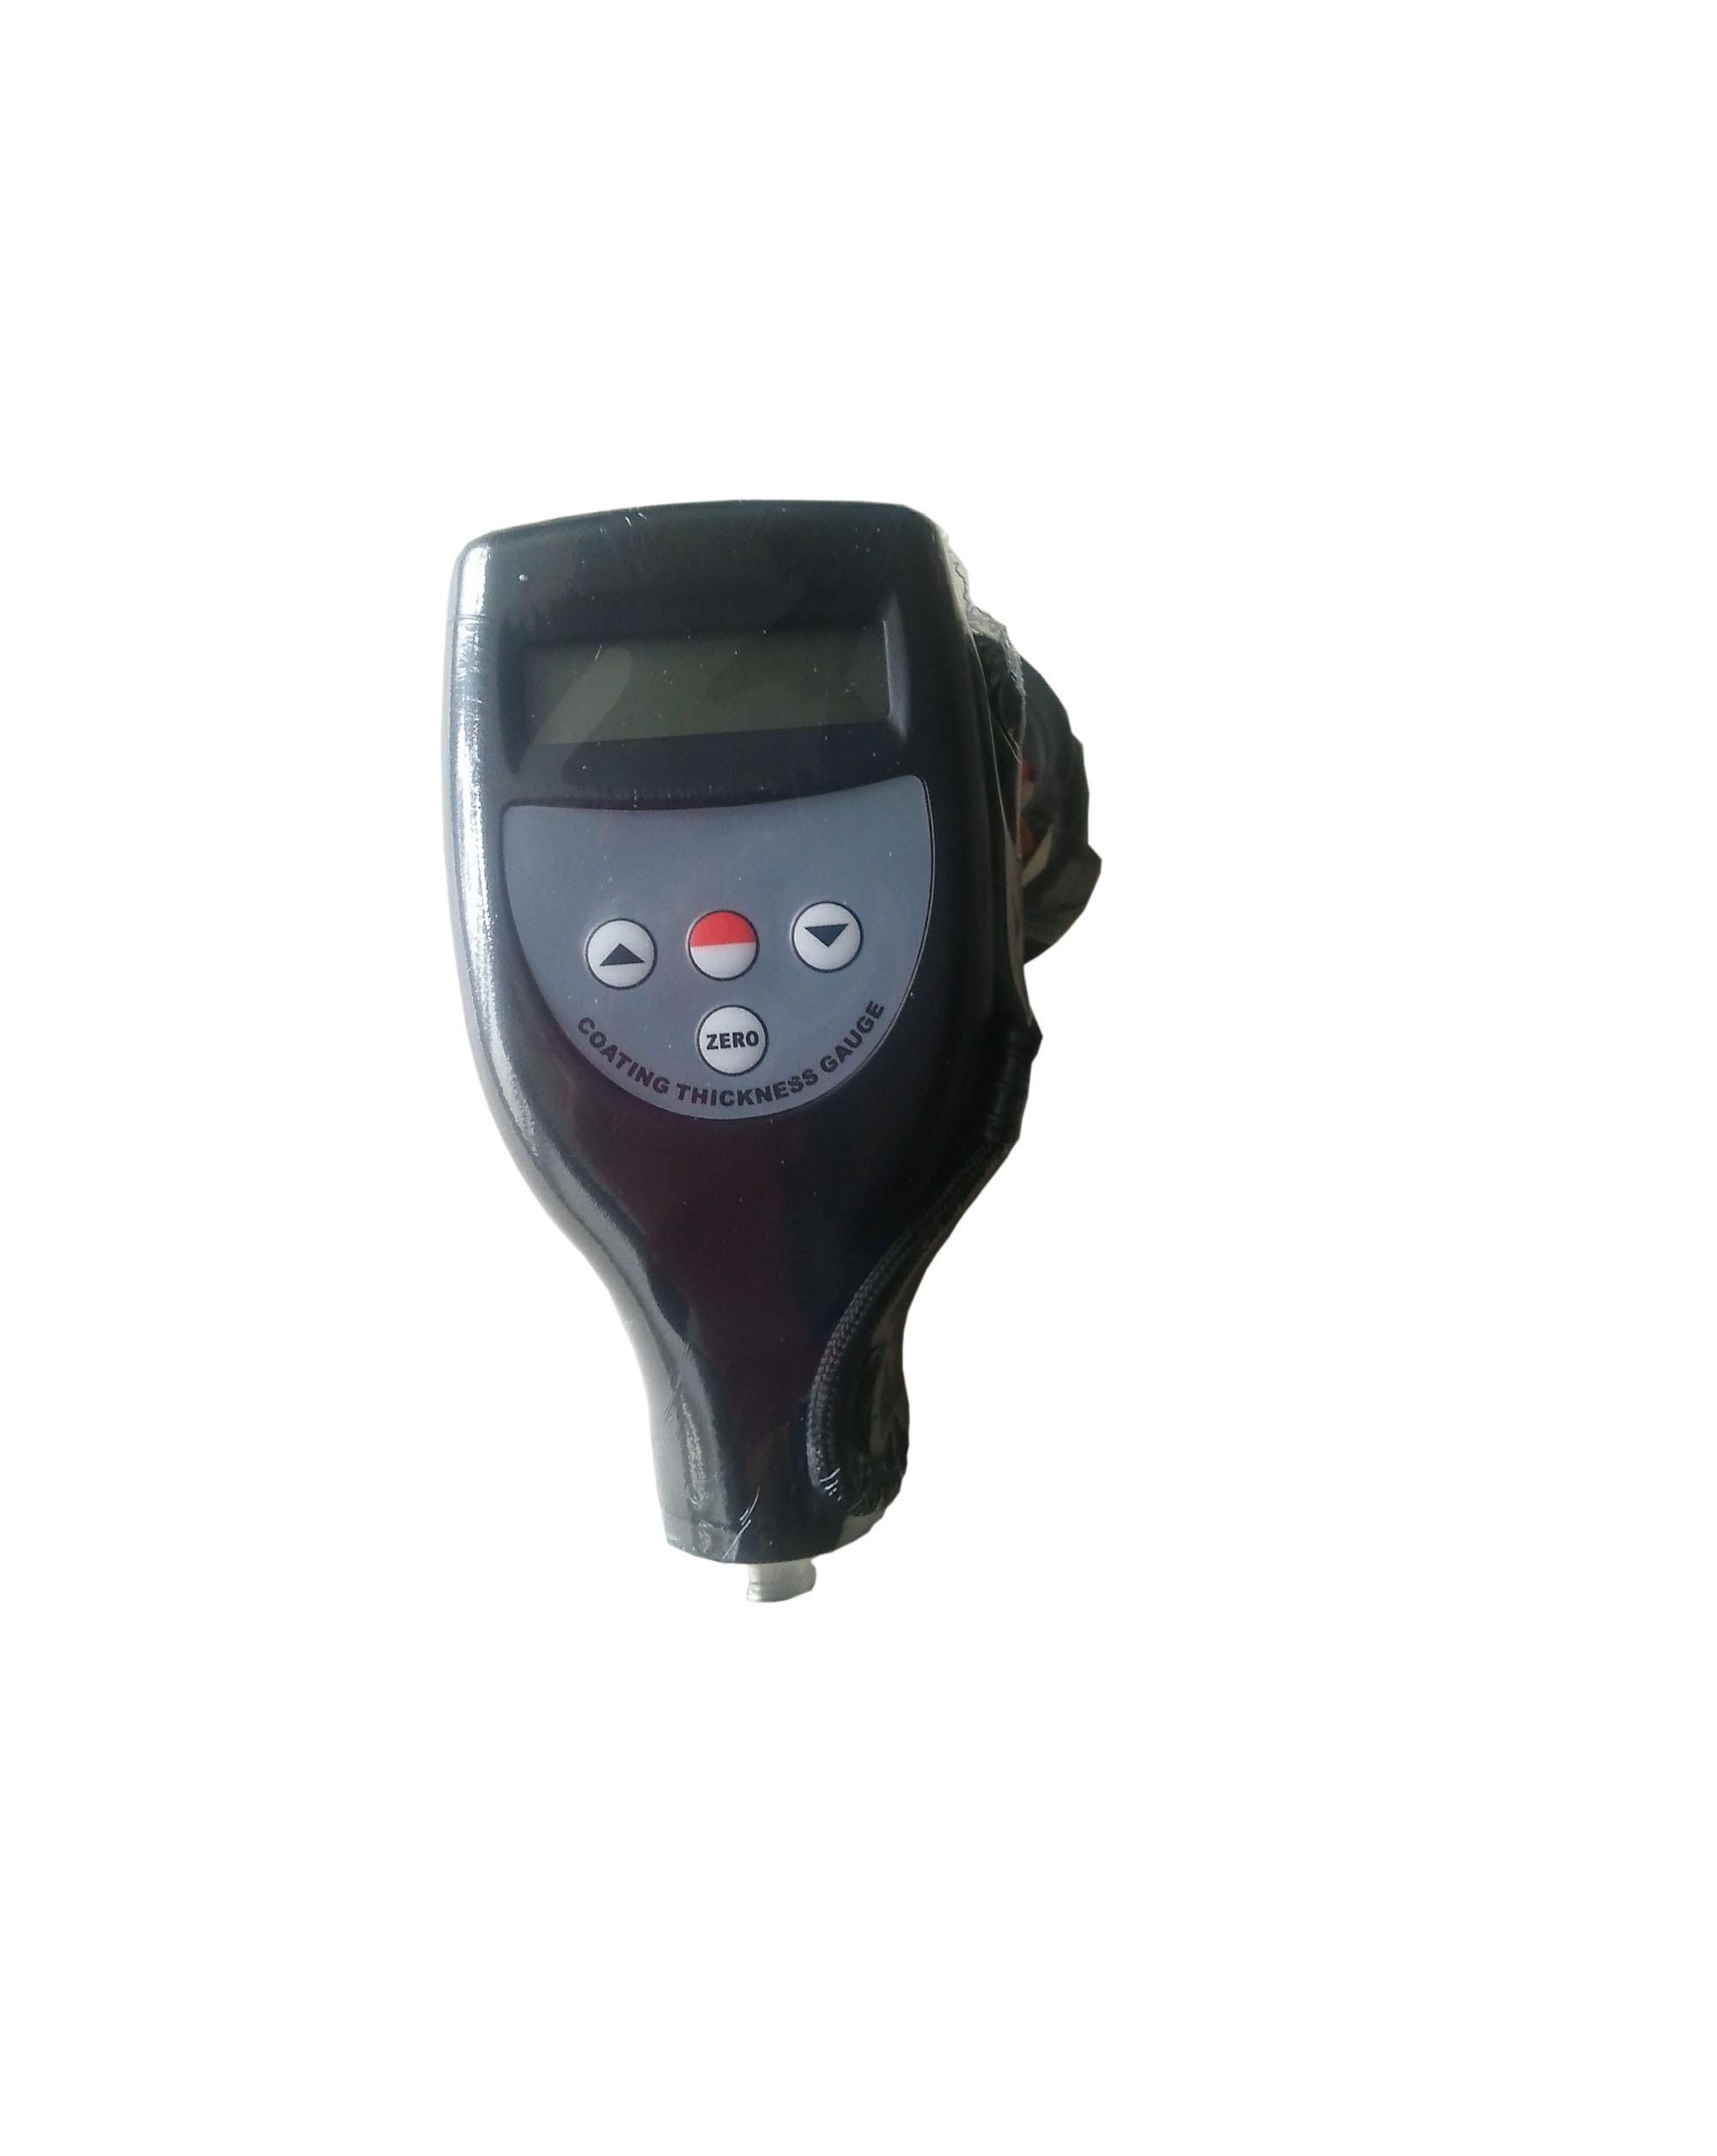 เครื่องวัดความหนาสี(Coating Thickness Tester) รุ่น DT8825 0~1250 um/0~50mil